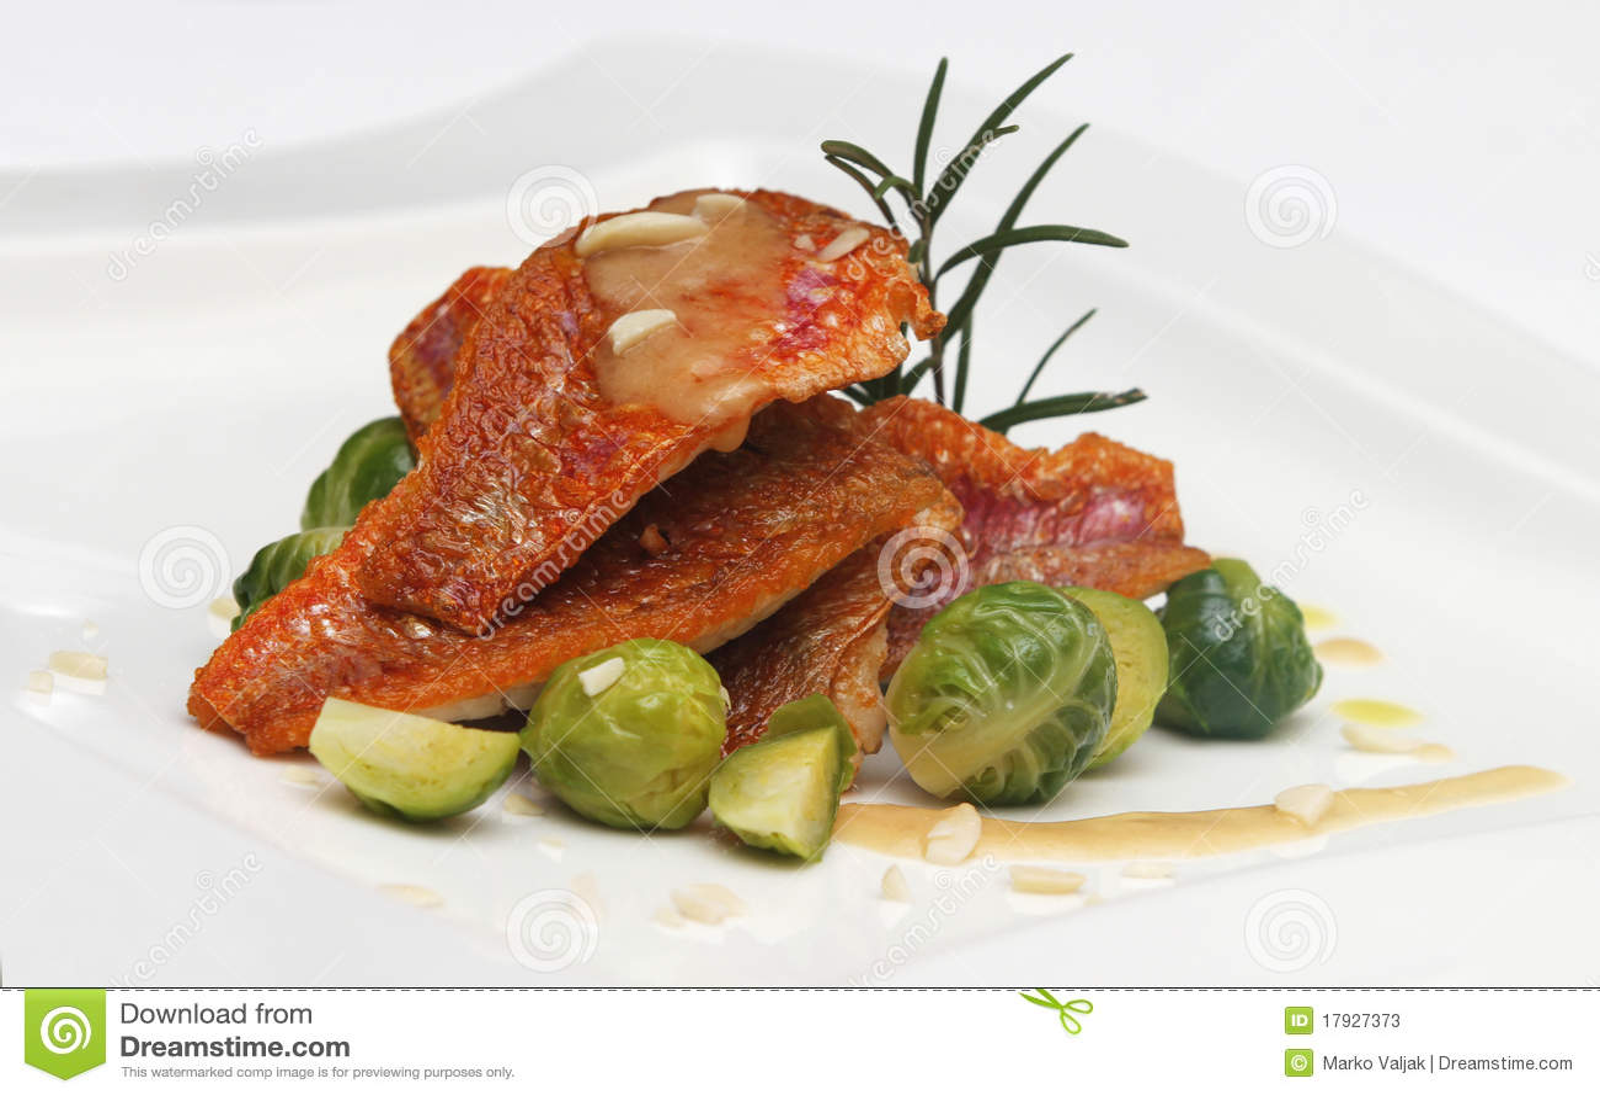 Sea food on plate